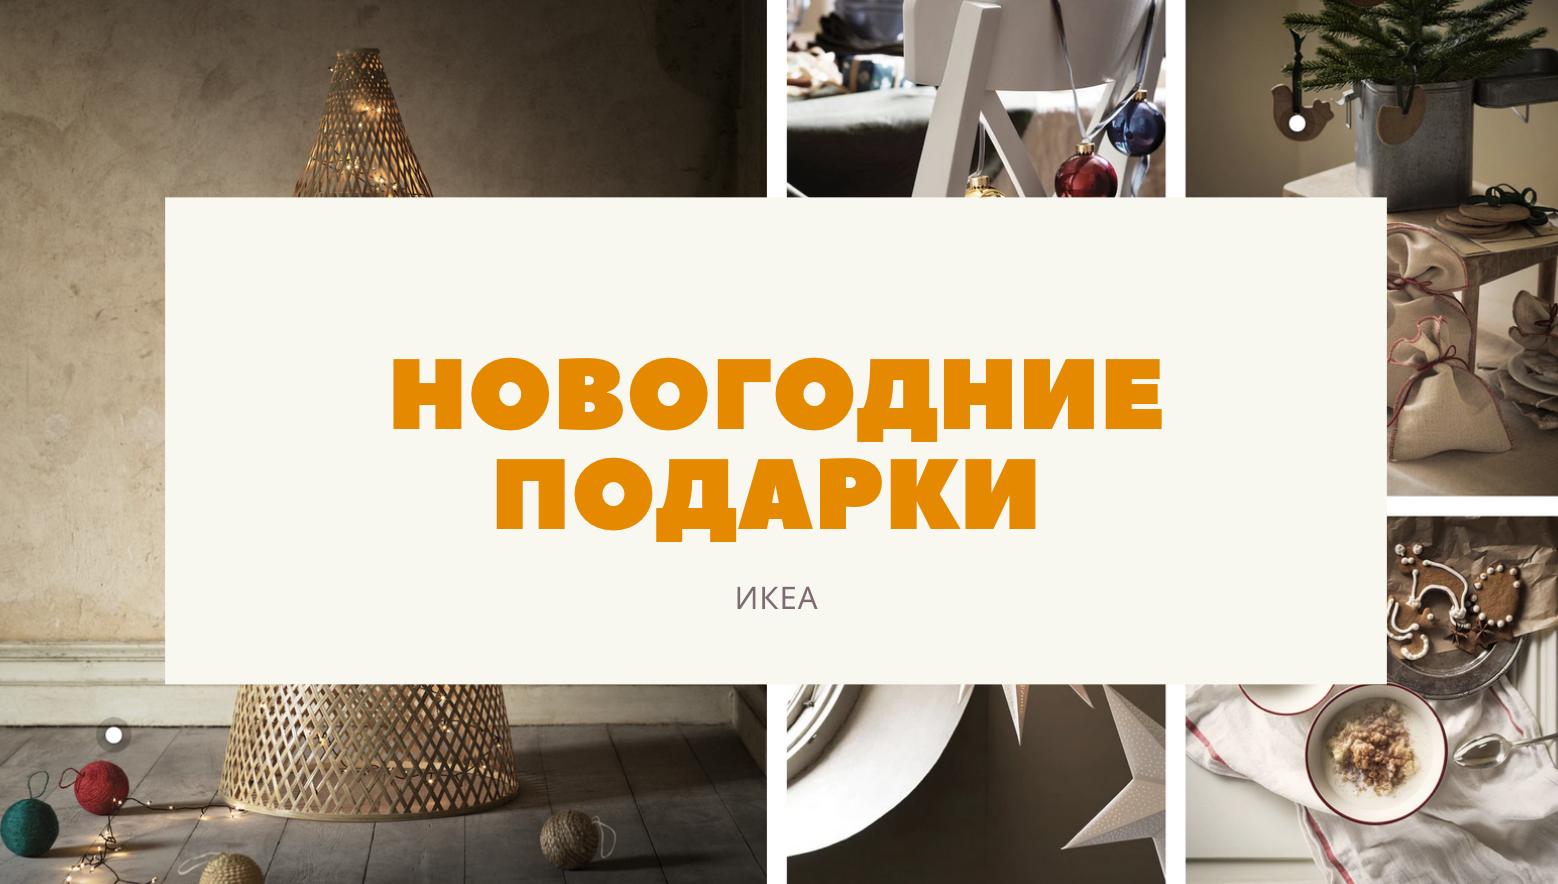 https://www.ikea.com/ru/ru/